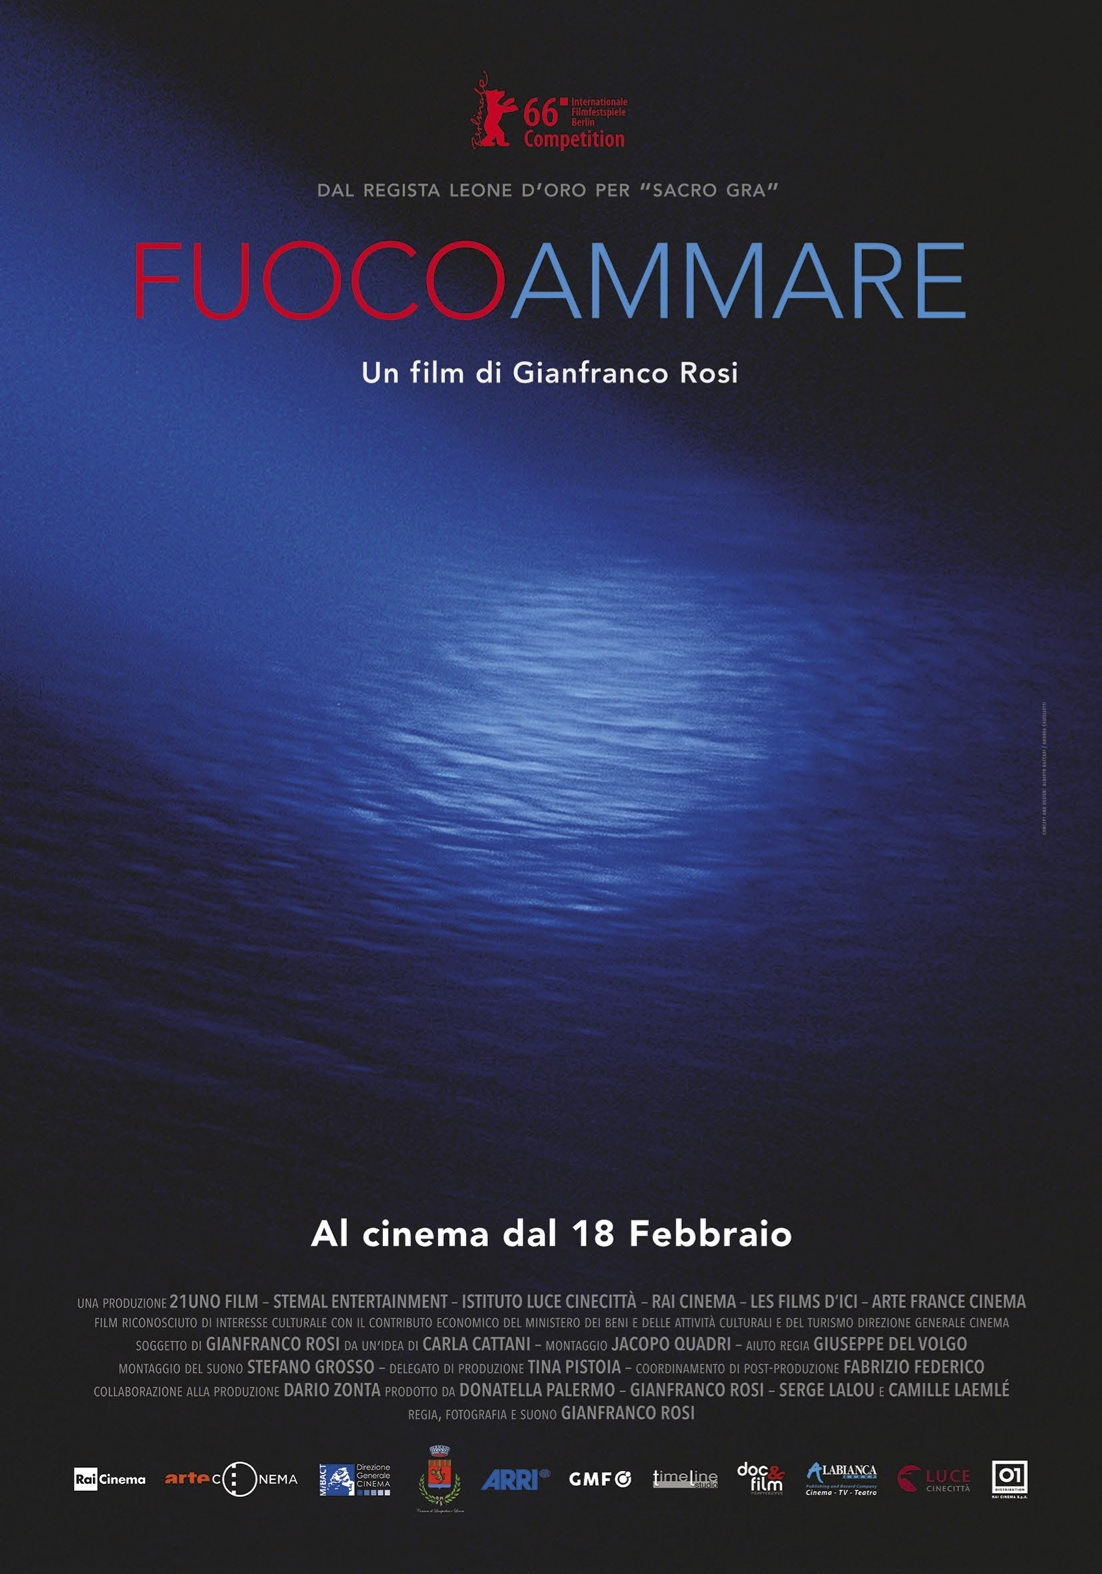 Fuocoammare - Gianfranco Rosi